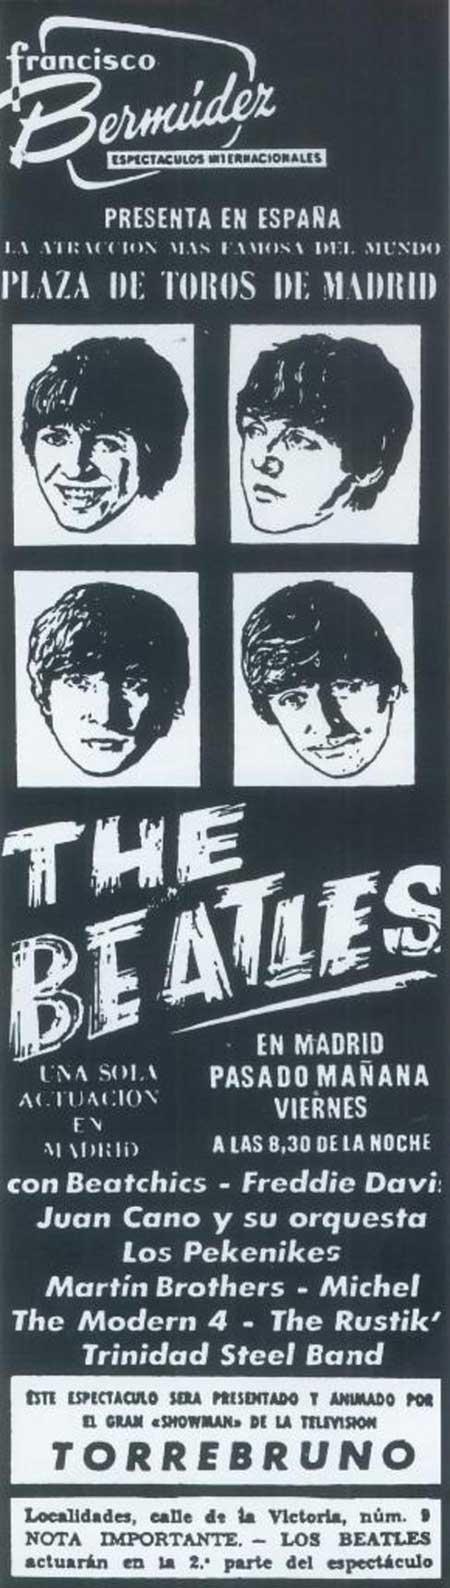 Publicidad de la actuación de los Beatles en Madrid en 1965 Los Beatles en España